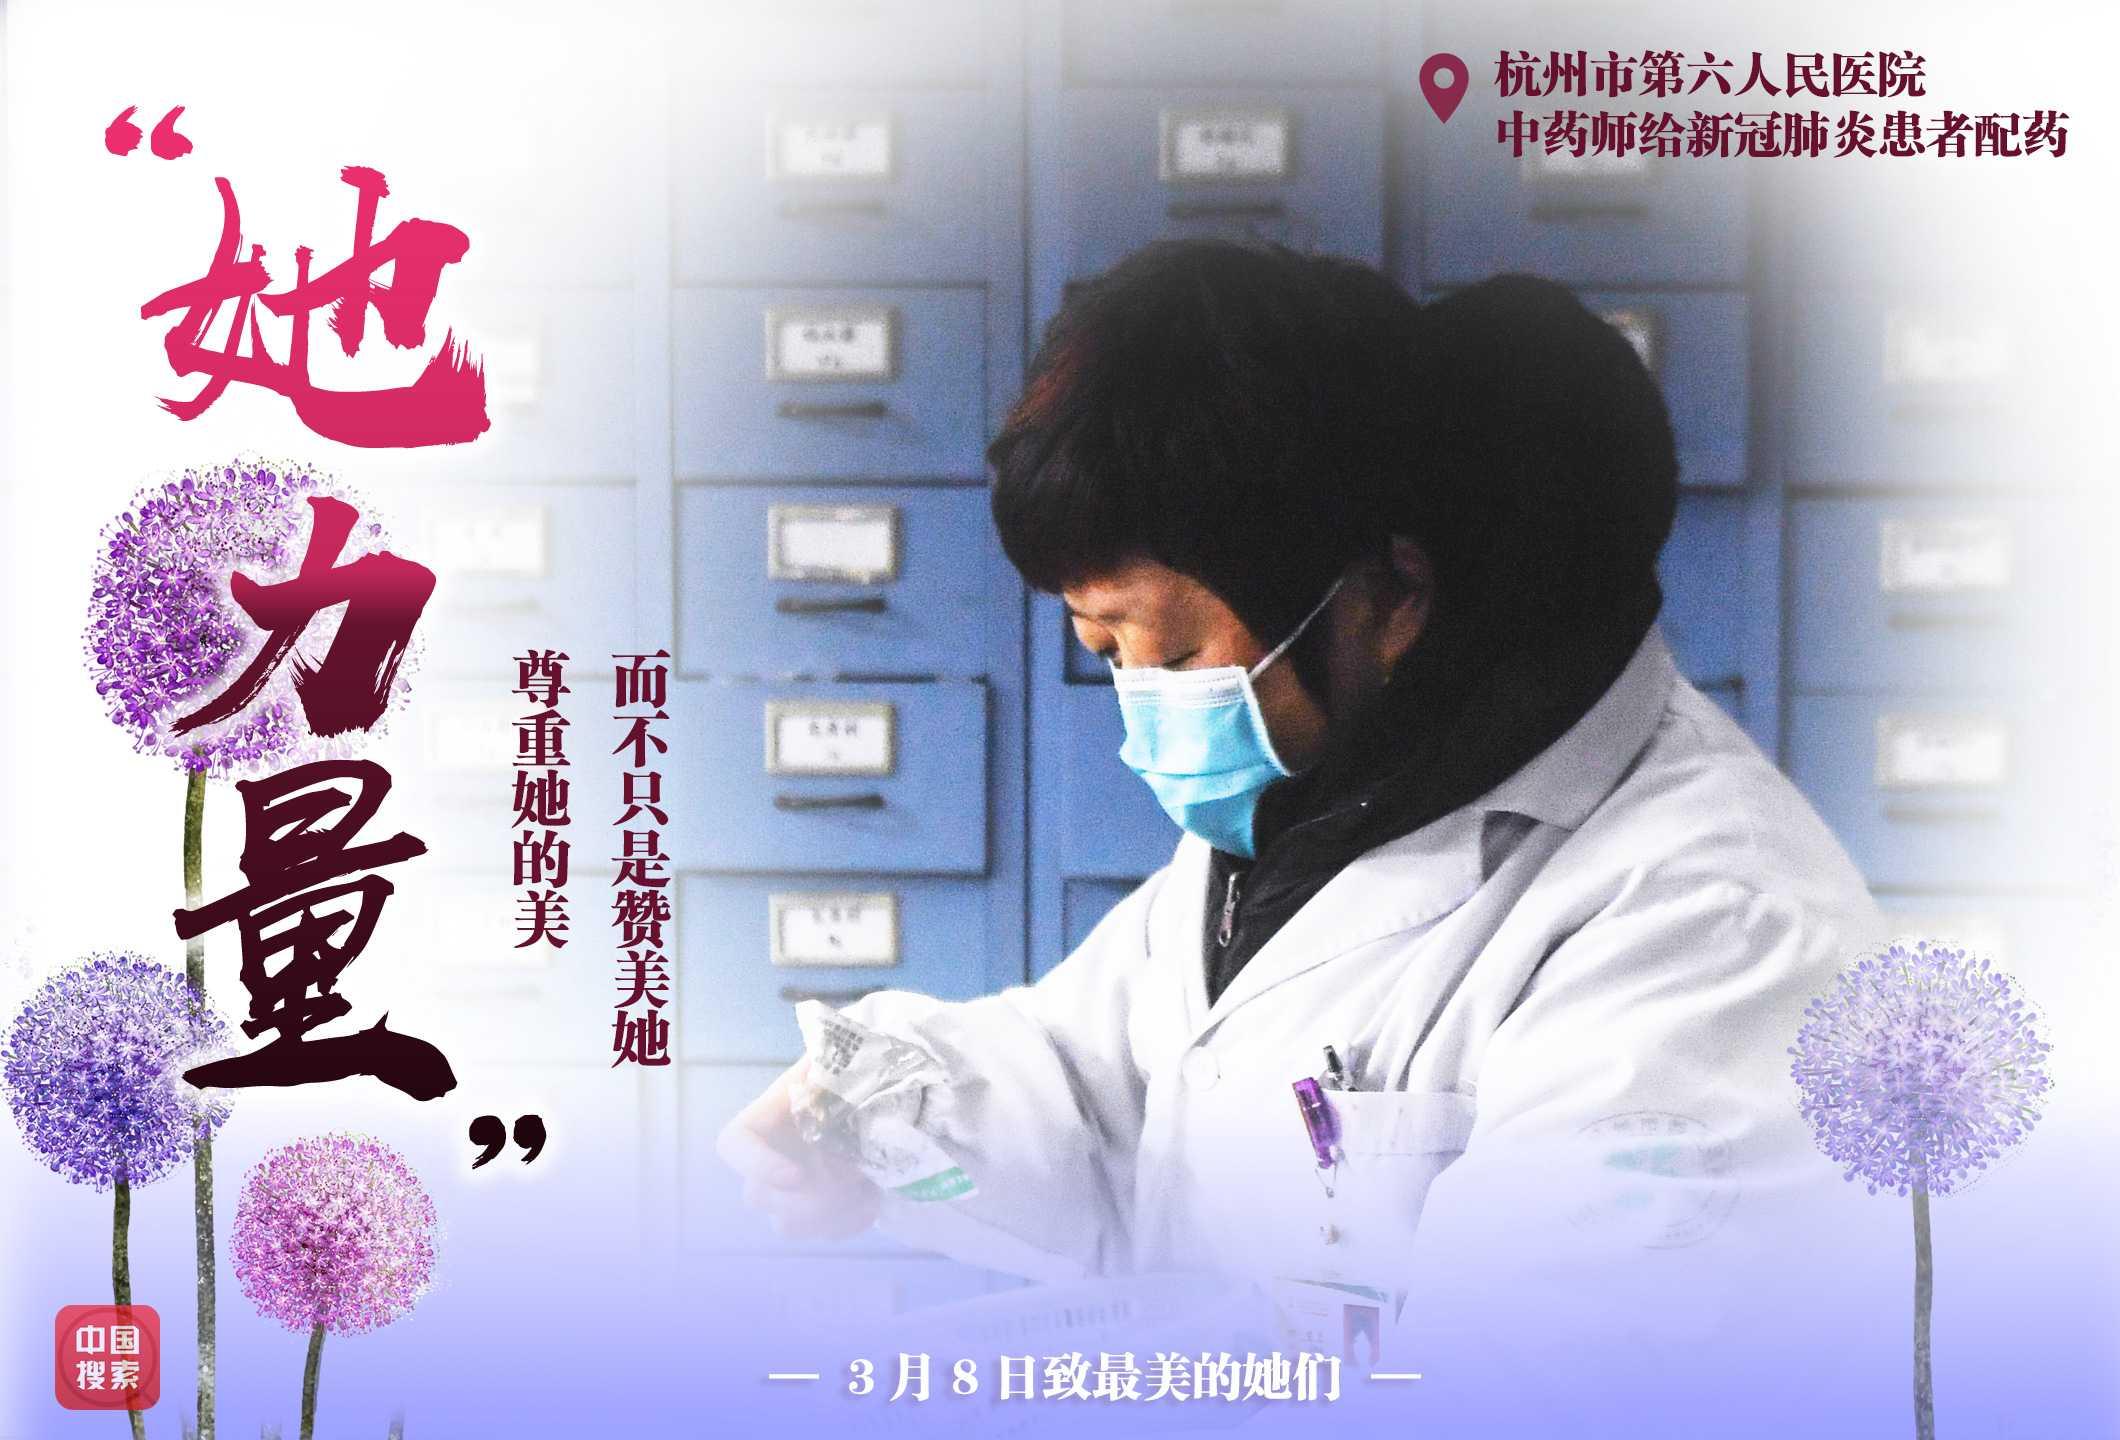 重庆三峡中心医院的重症肺炎病区女医生,在医护人员交接班会议上